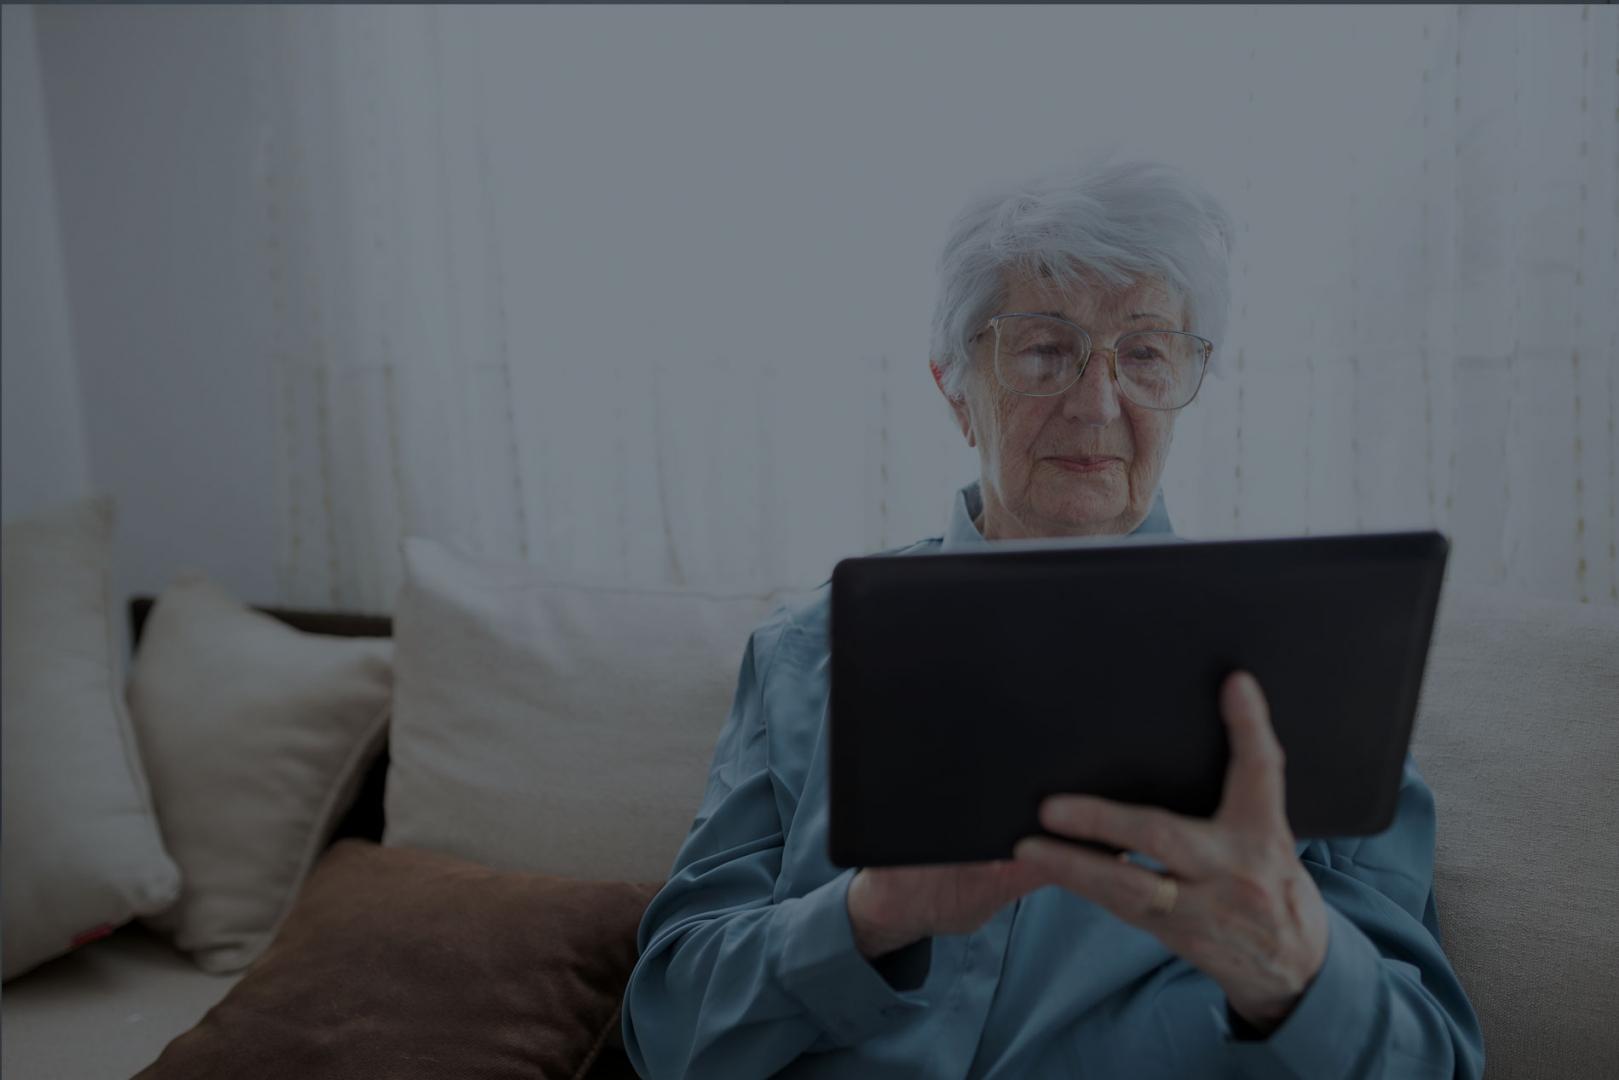 Telehealth-seniorwoman